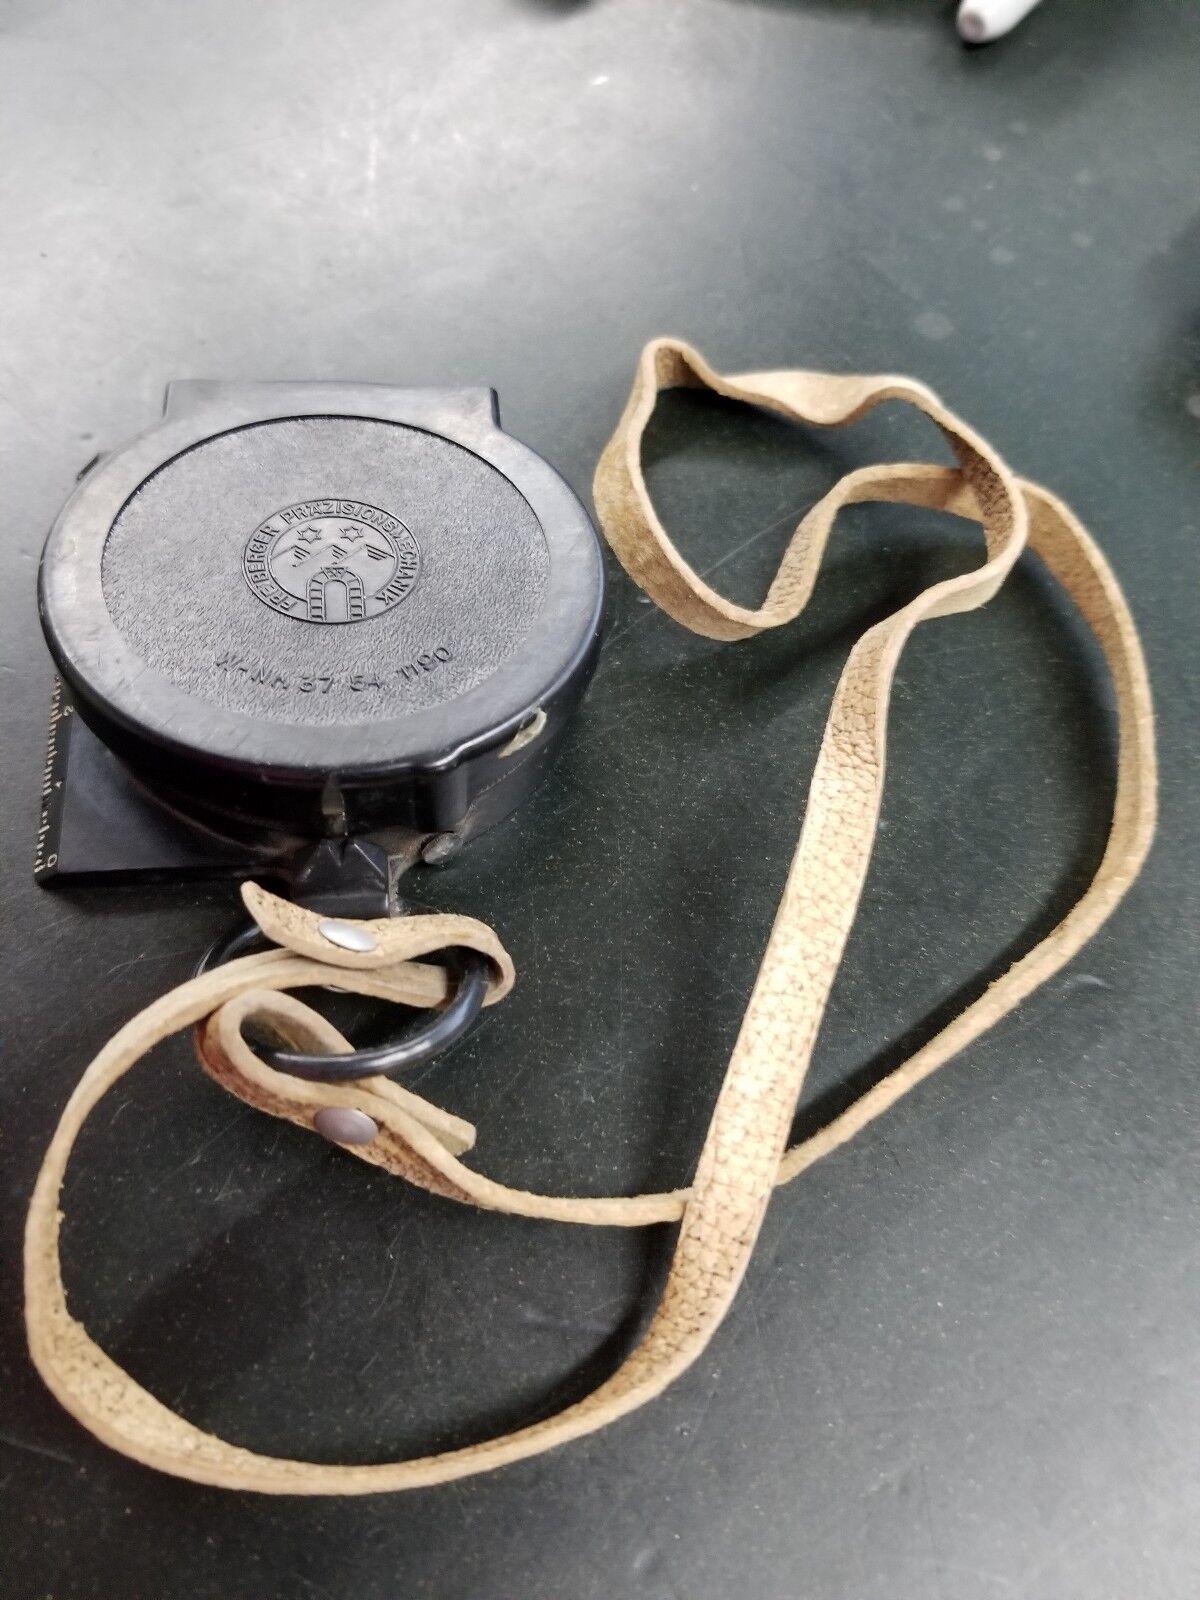 Vintage Compass Freiberger Präzisionsmechanik W-Nr. 37 54 1190